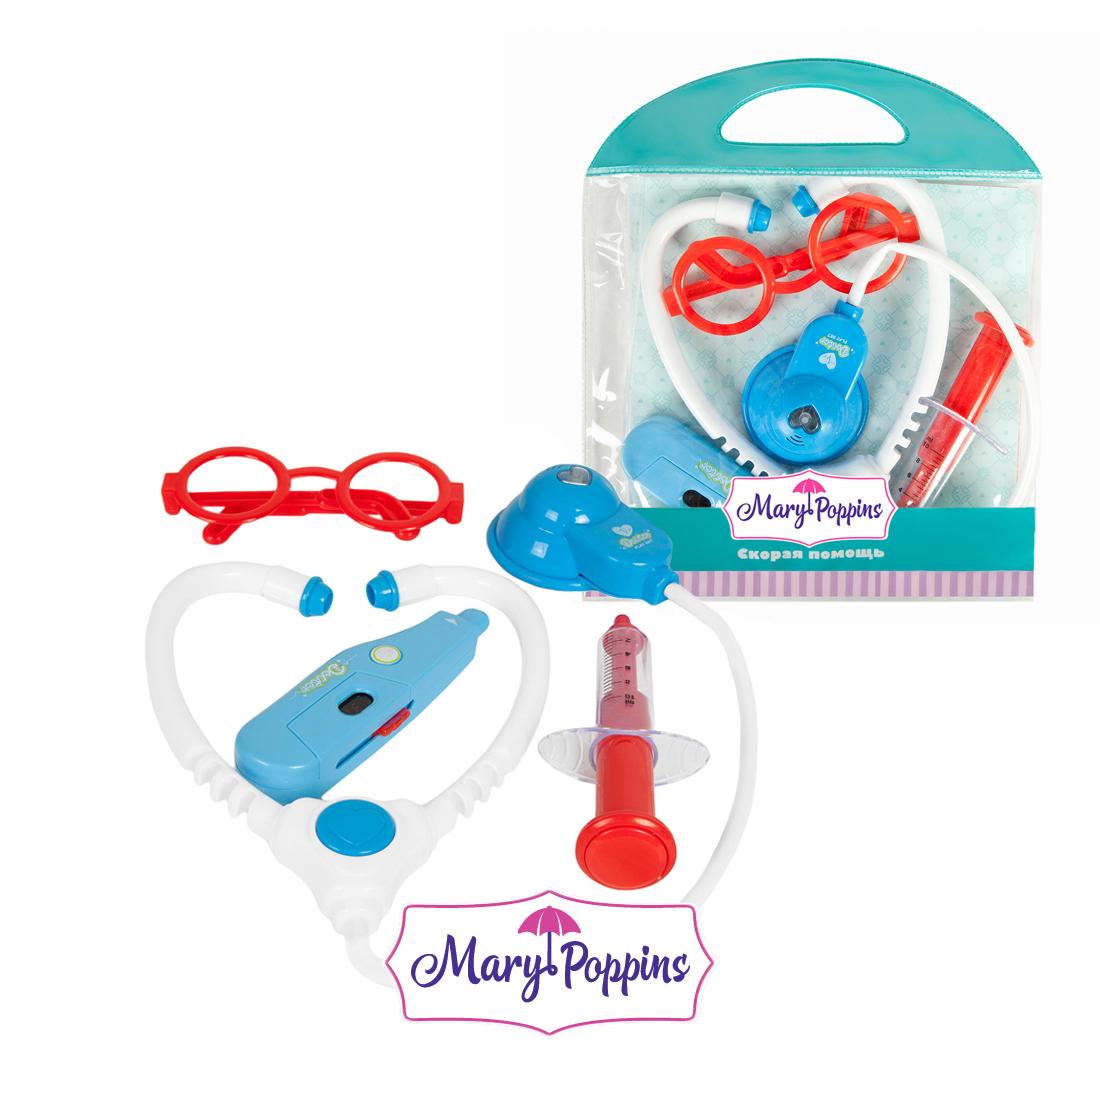 Игровые наборы Профессия Mary Poppins Скорая помощь 4 предмета цена